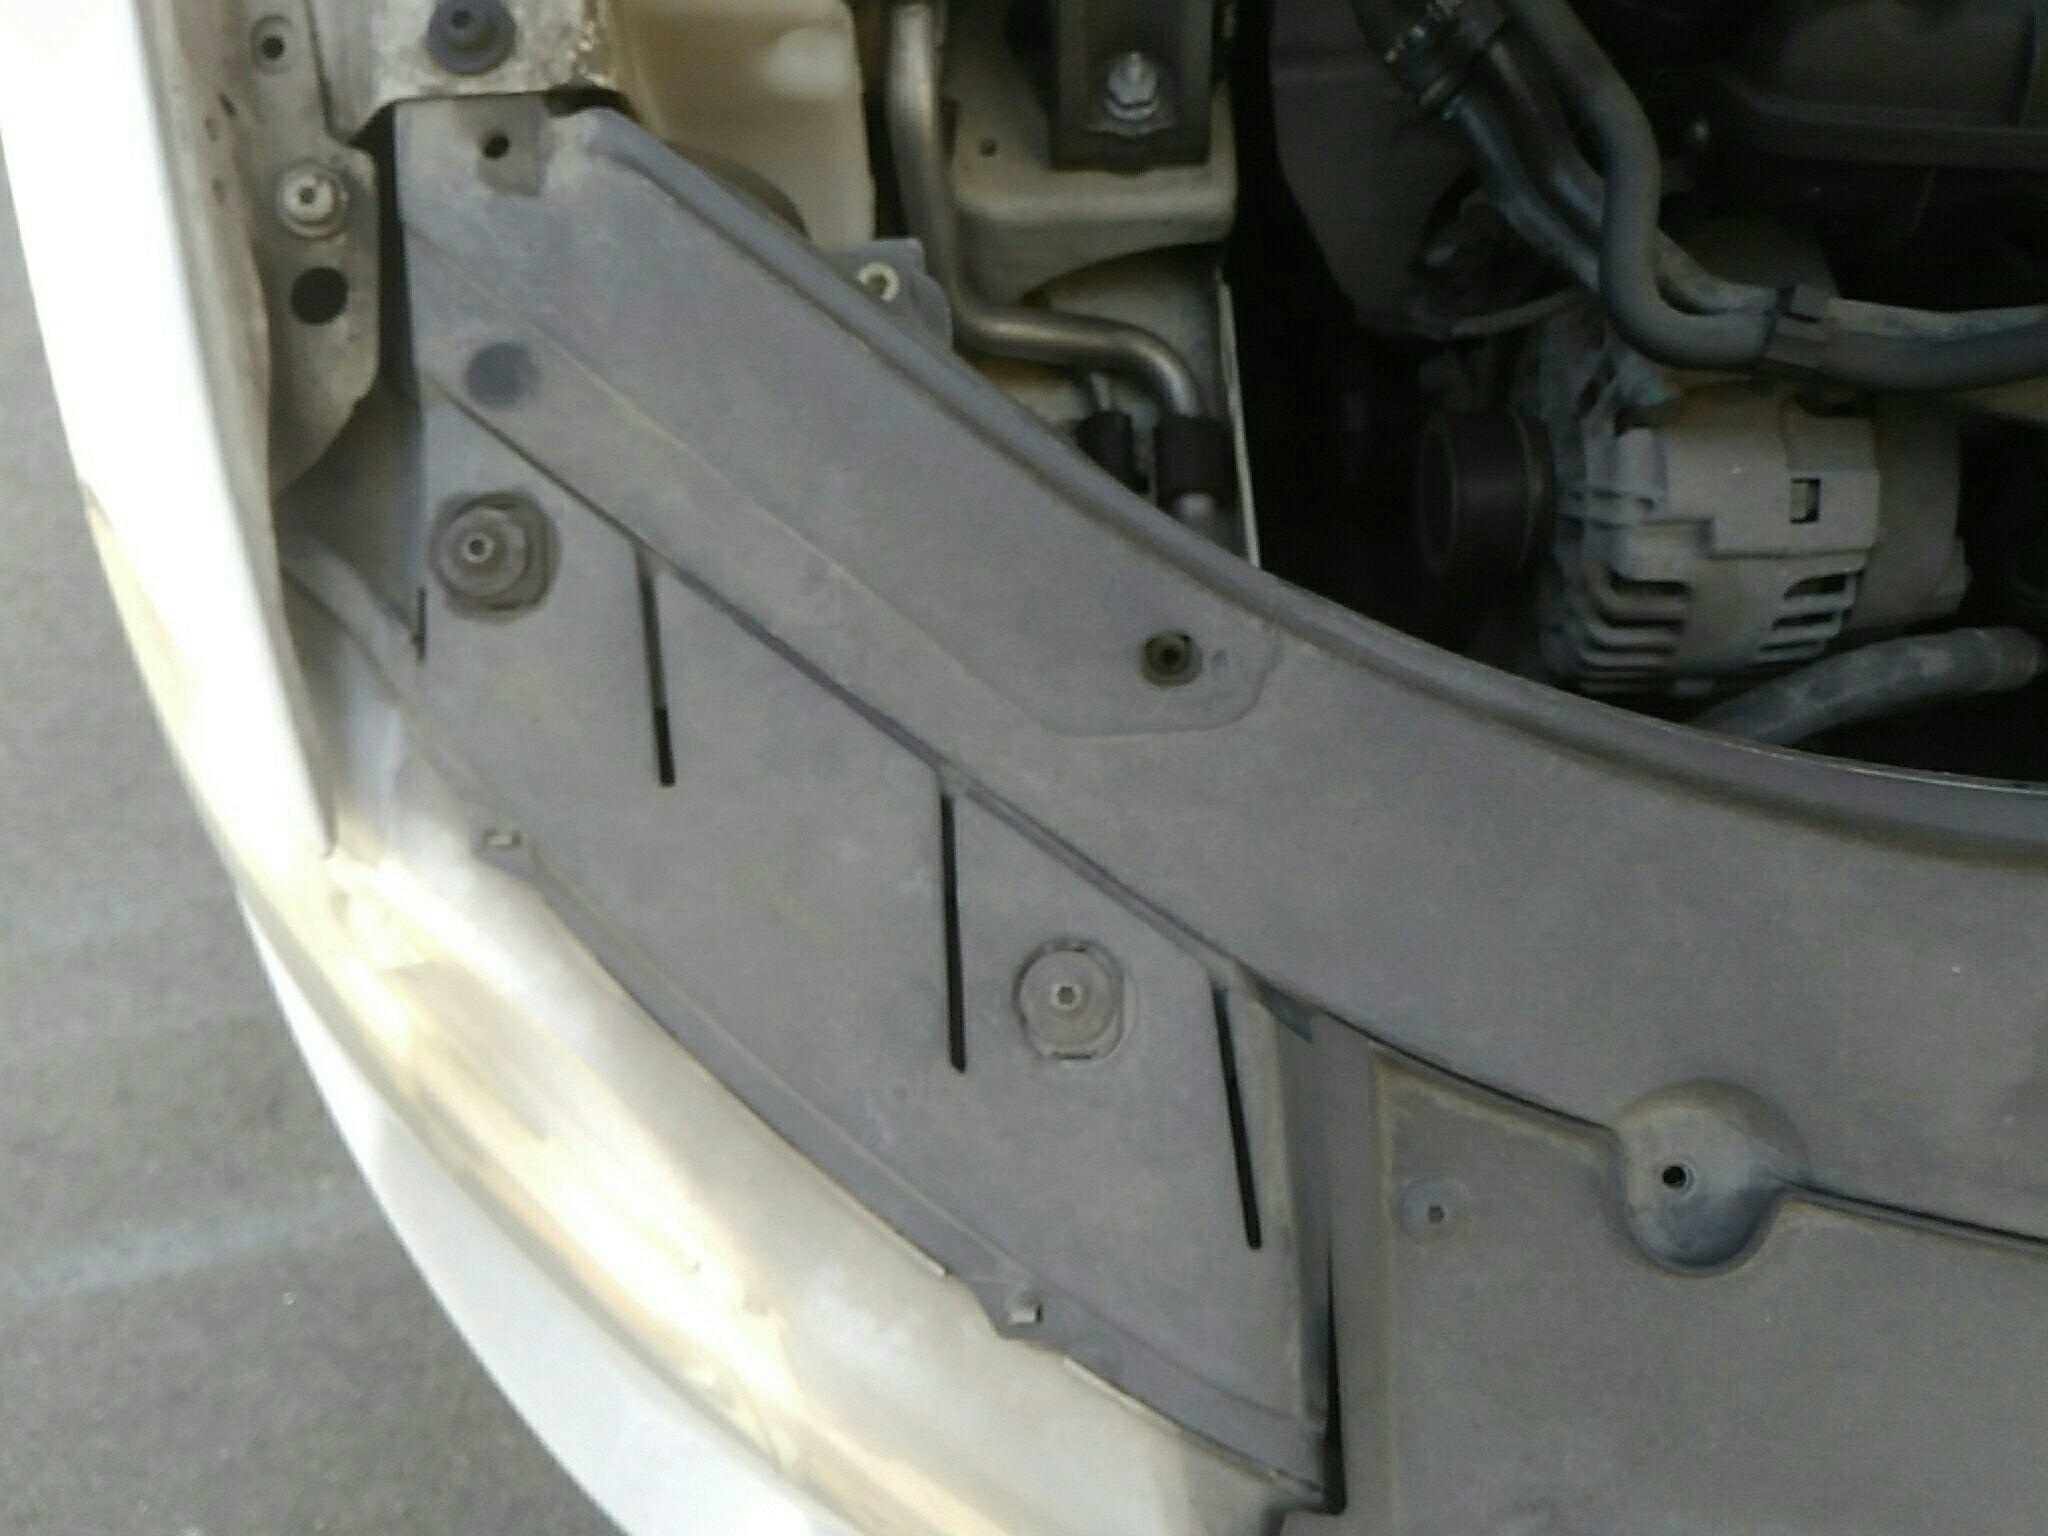 温州二手大众迈腾 > 大众迈腾 2009  车头轻微的碰撞会导致水箱框架